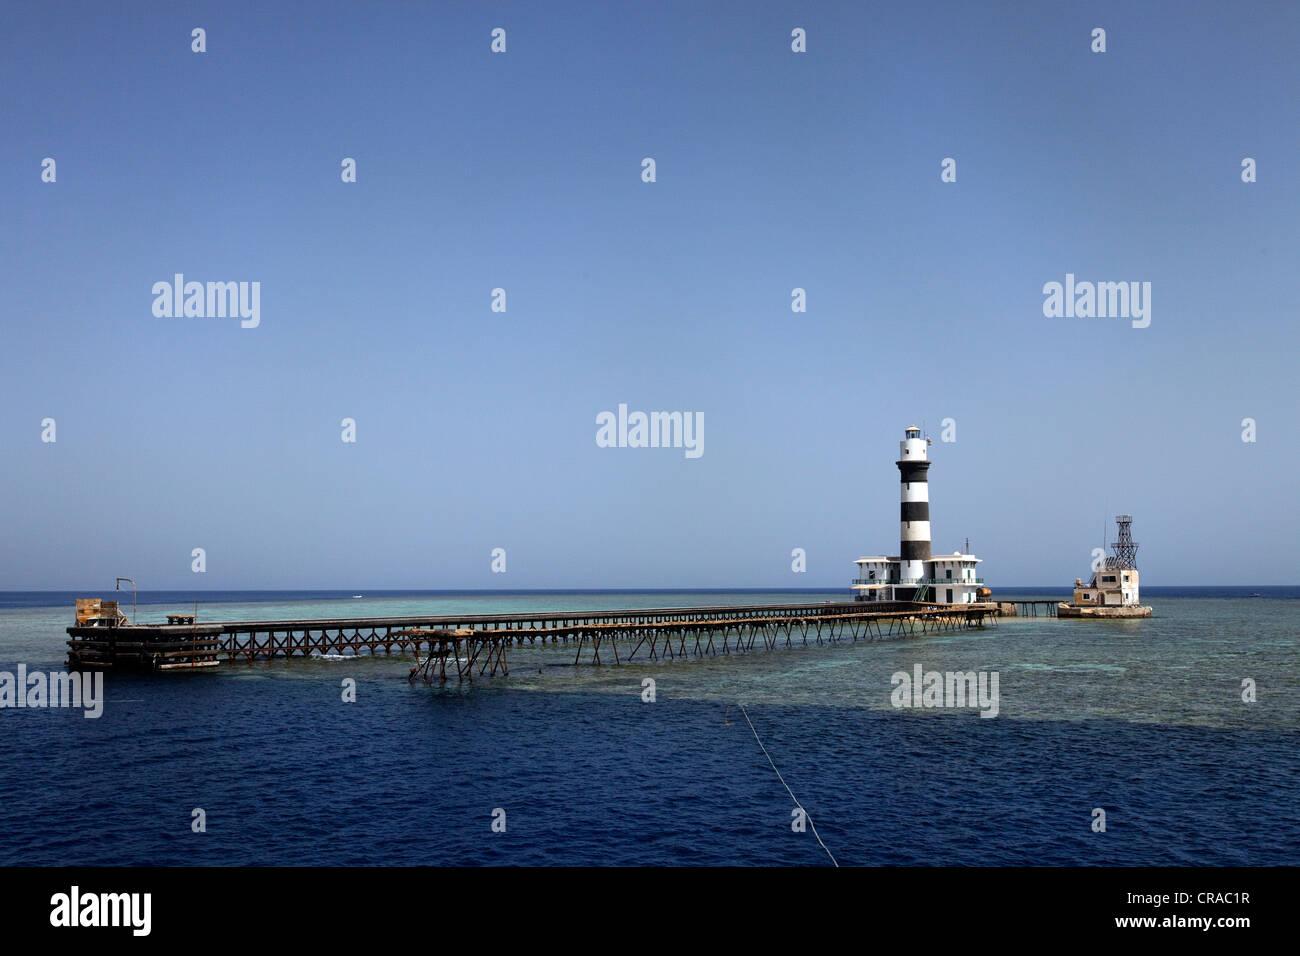 Phare avec jetty et de récifs coralliens, Daedalus Reef, Egypte, Mer Rouge, Afrique Photo Stock